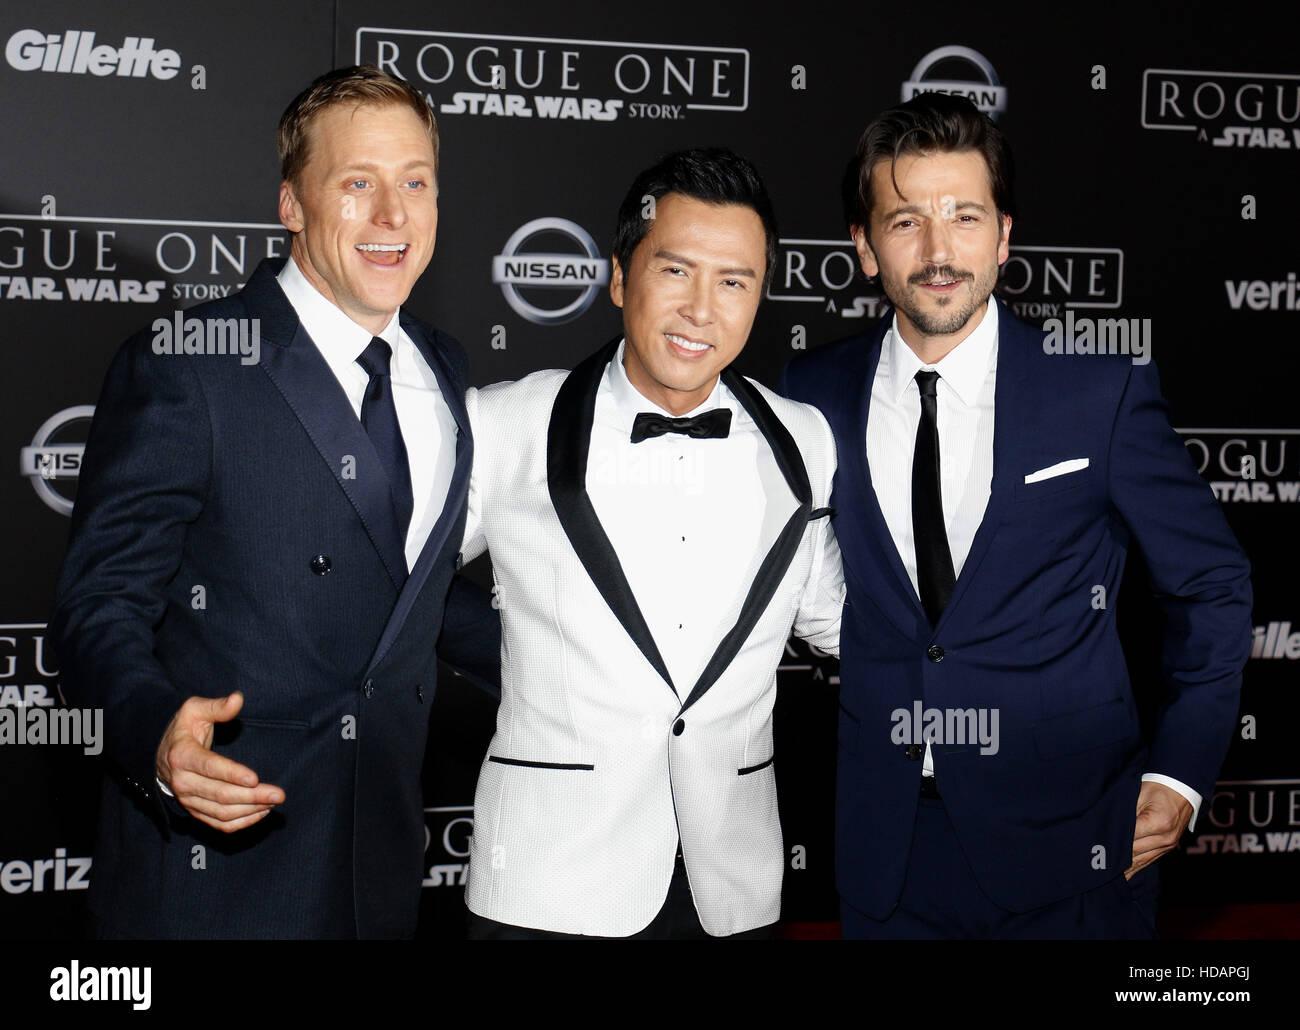 Hollywood, Kalifornien, USA. 10. Dezember 2016. Alan Tudyk, Donnie Yen und Diego Luna bei der Welt-premiere von Stockbild